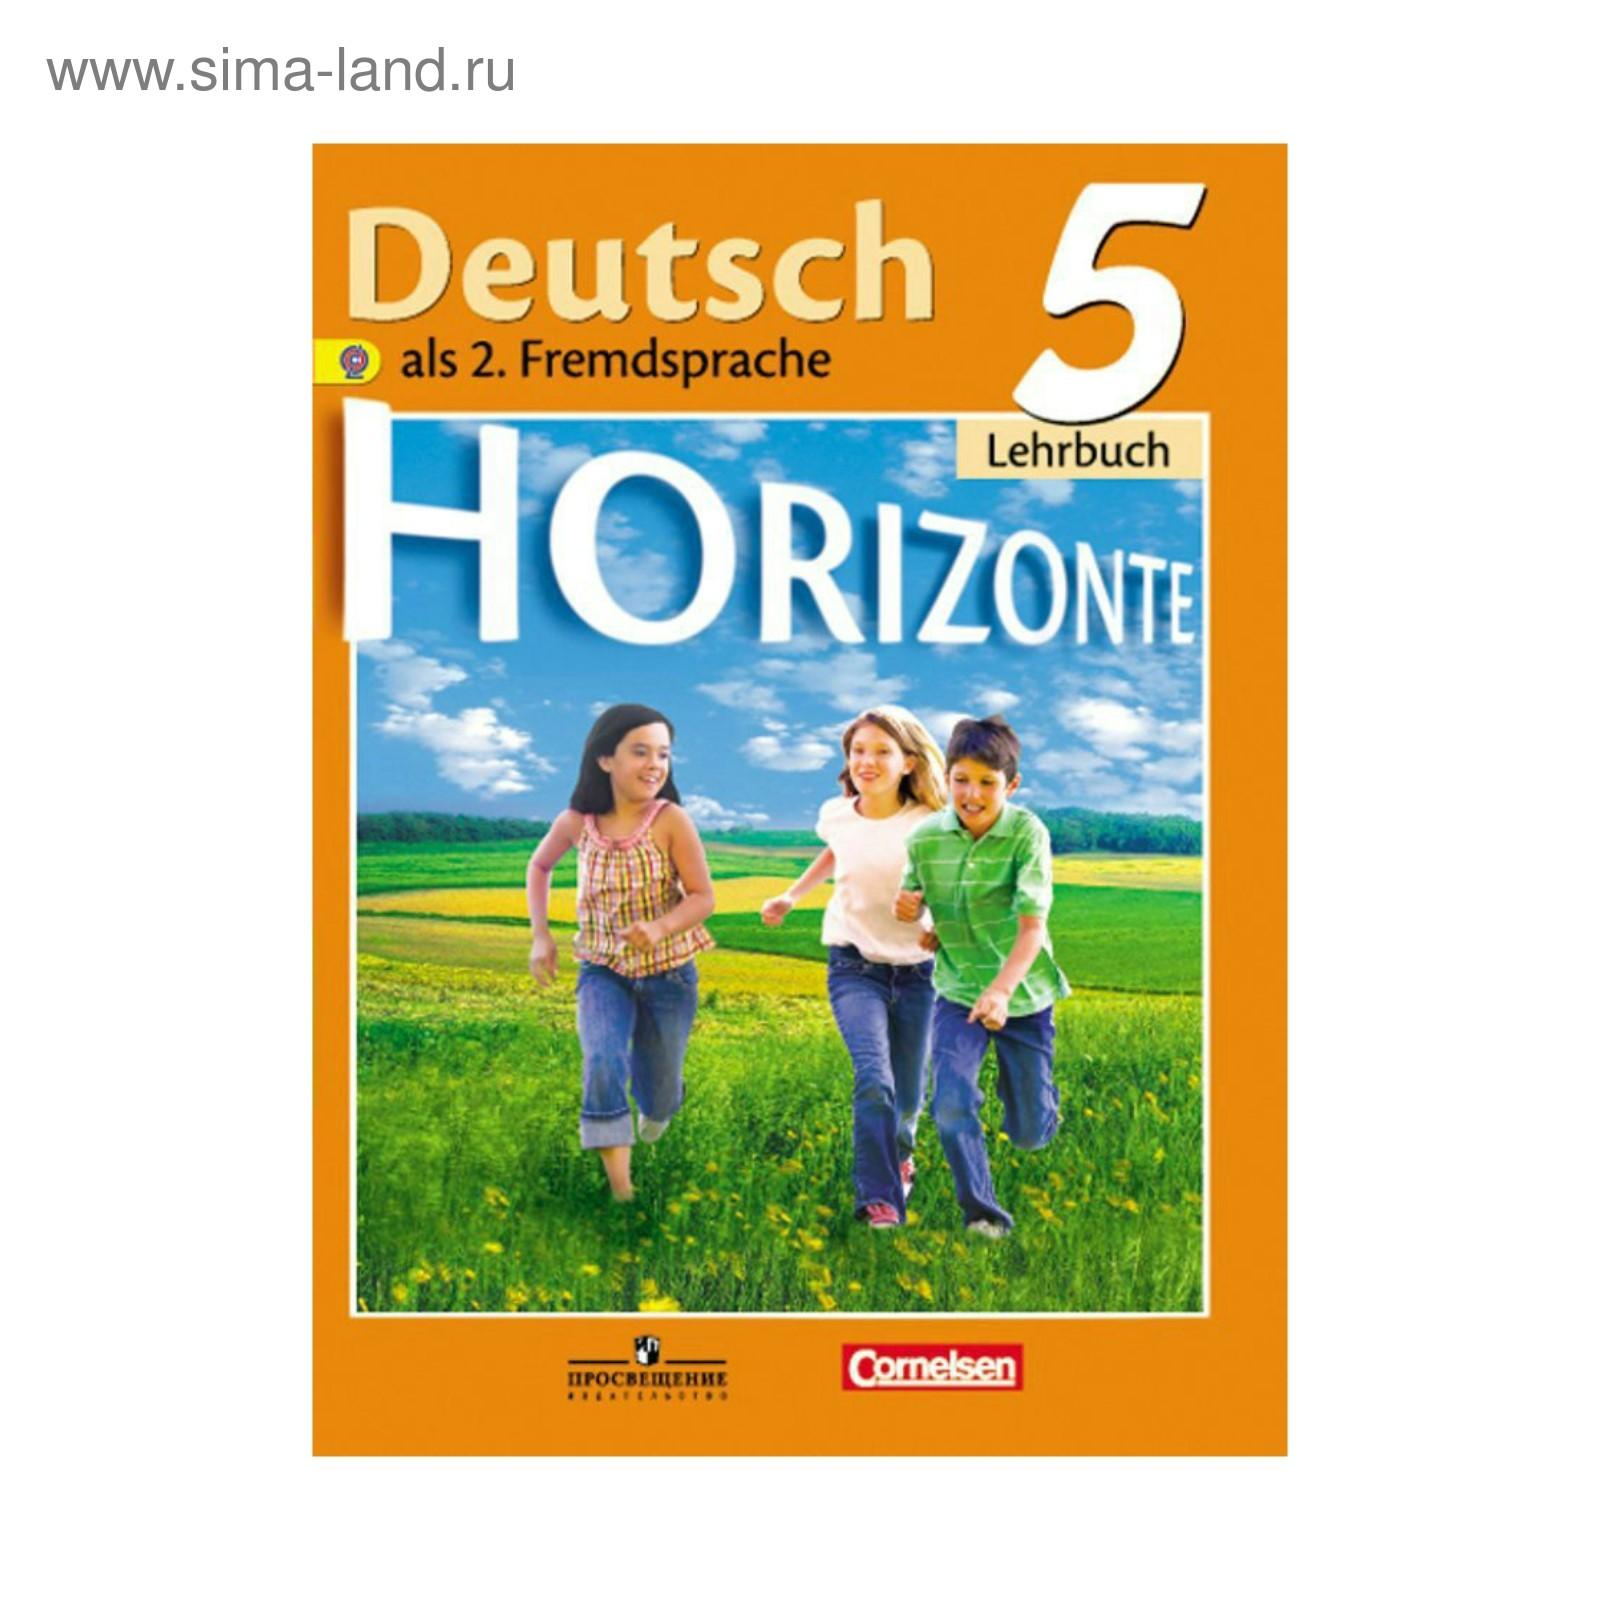 гдз по немецкому языку 8 класс горизонты